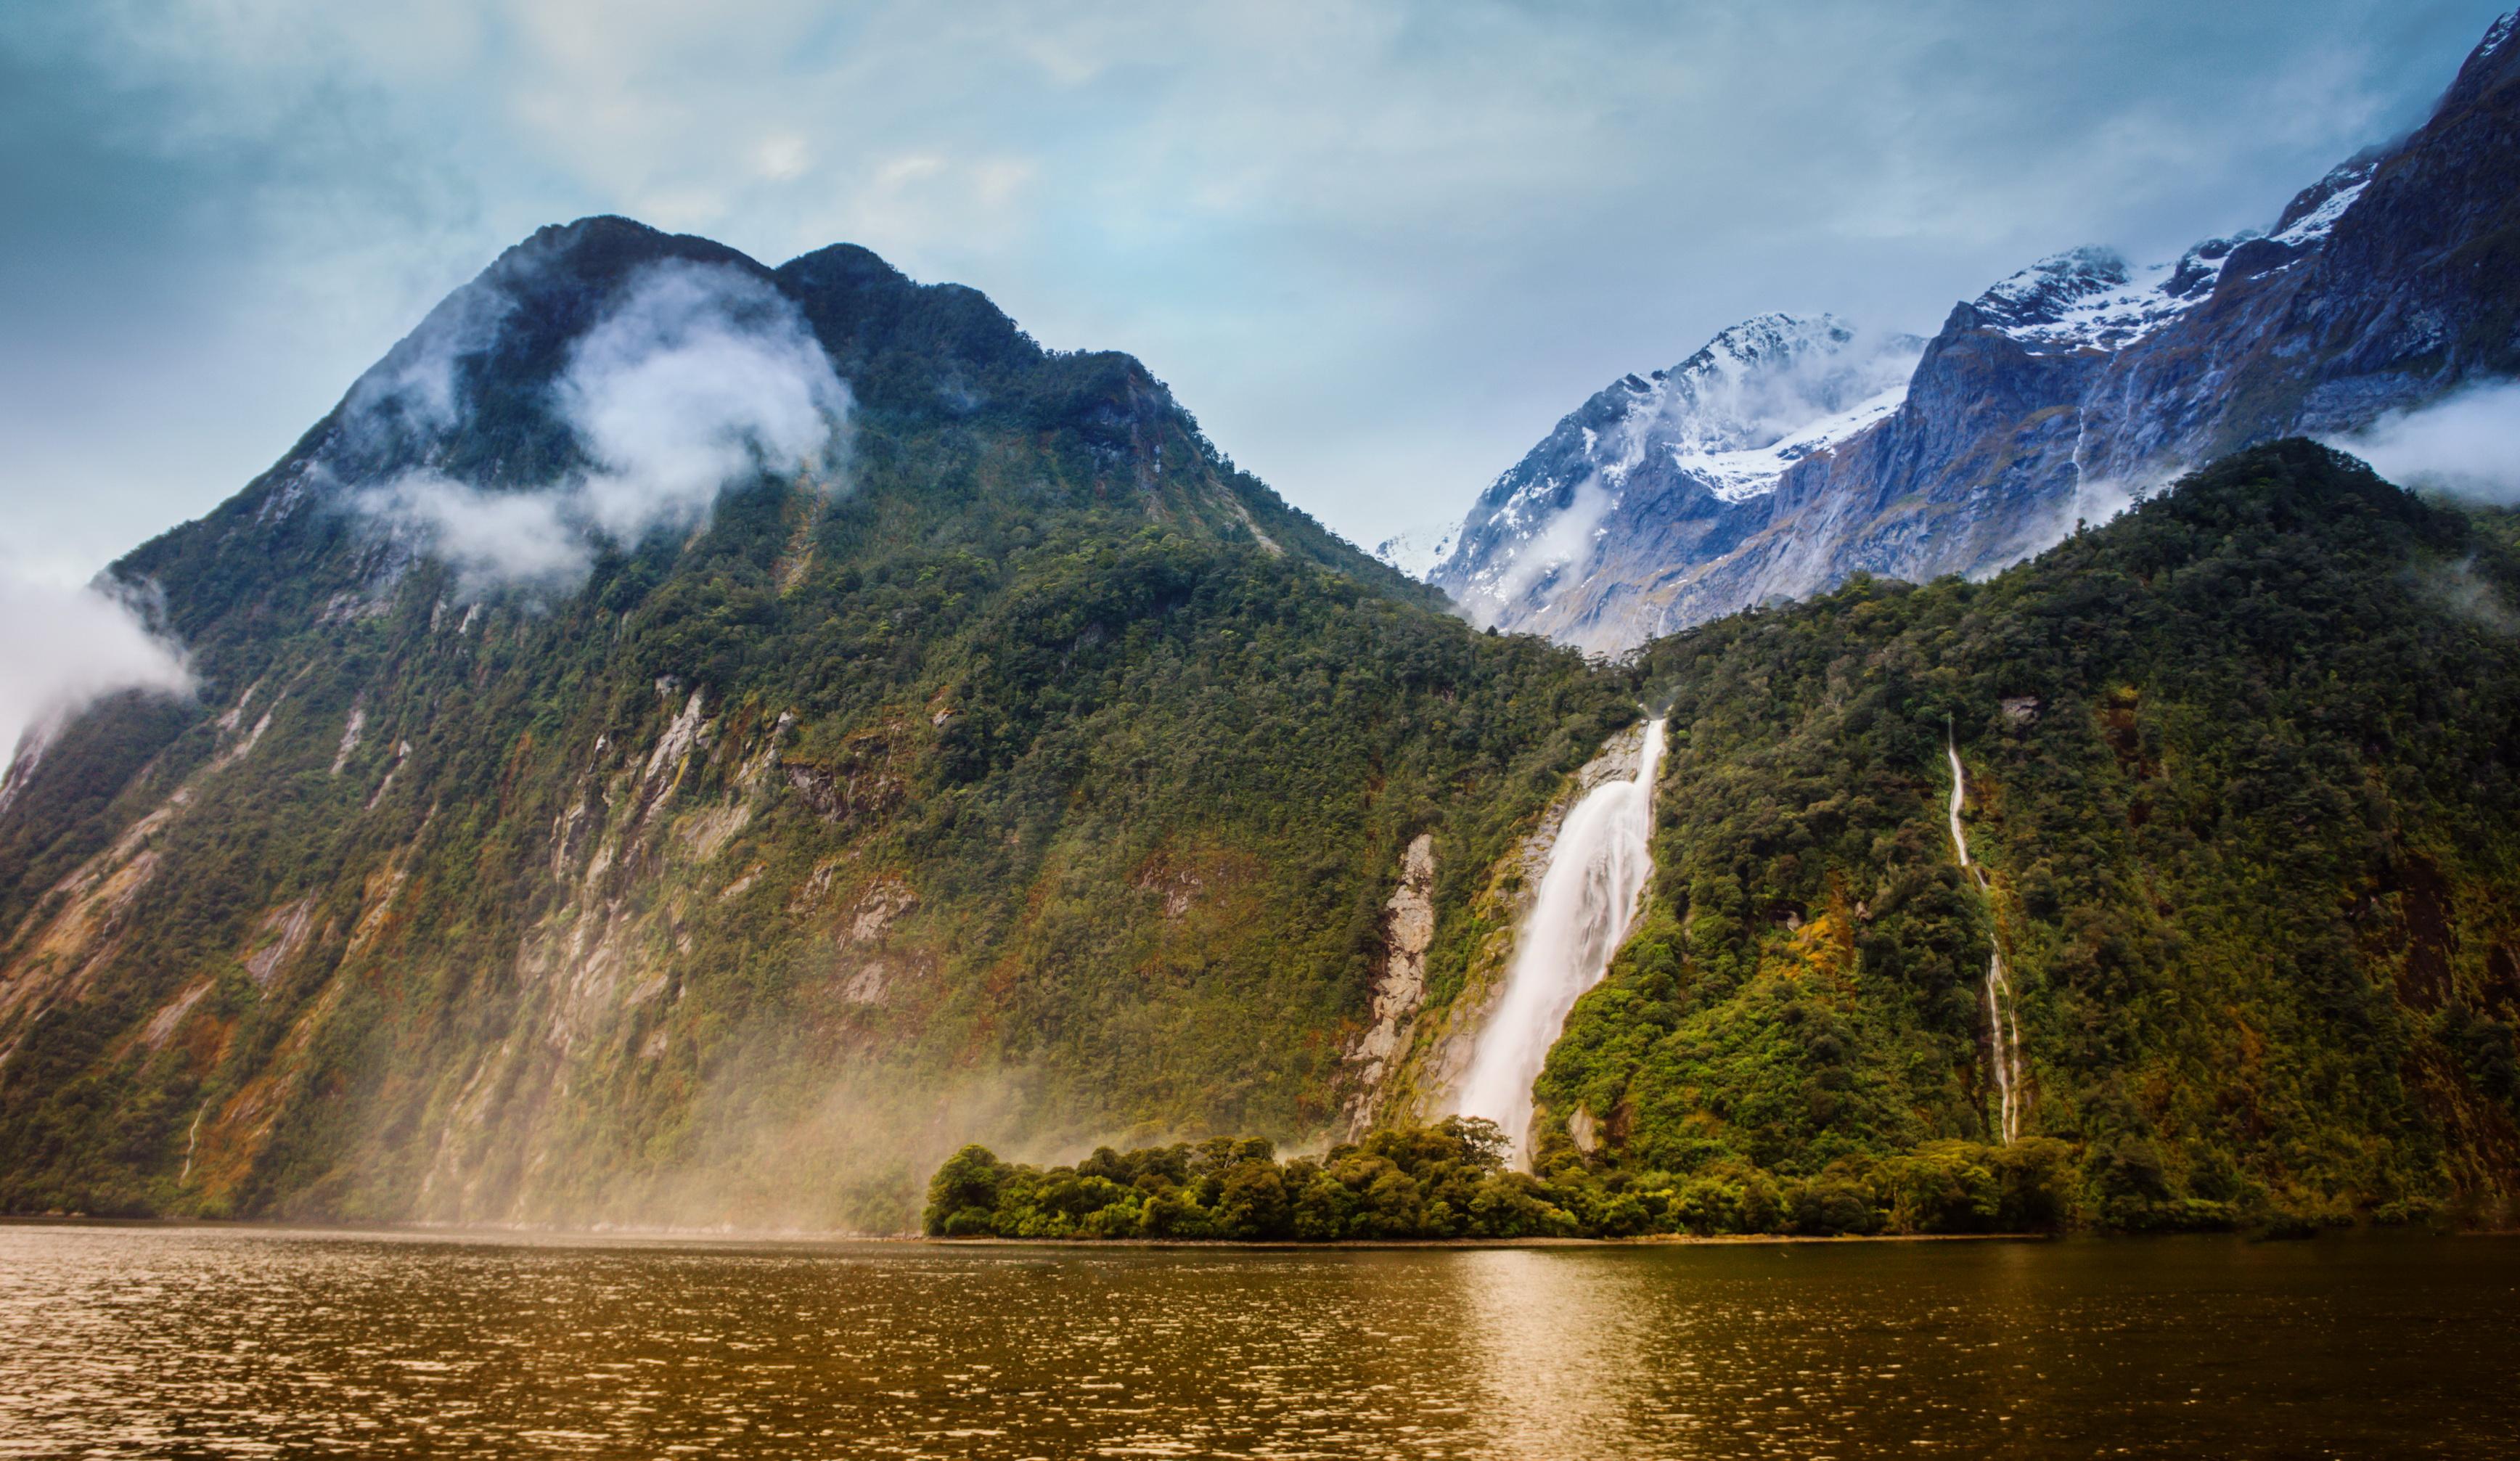 Новая Зеландия Image: Новая Зеландия (50 обоев) » Смотри Красивые Обои